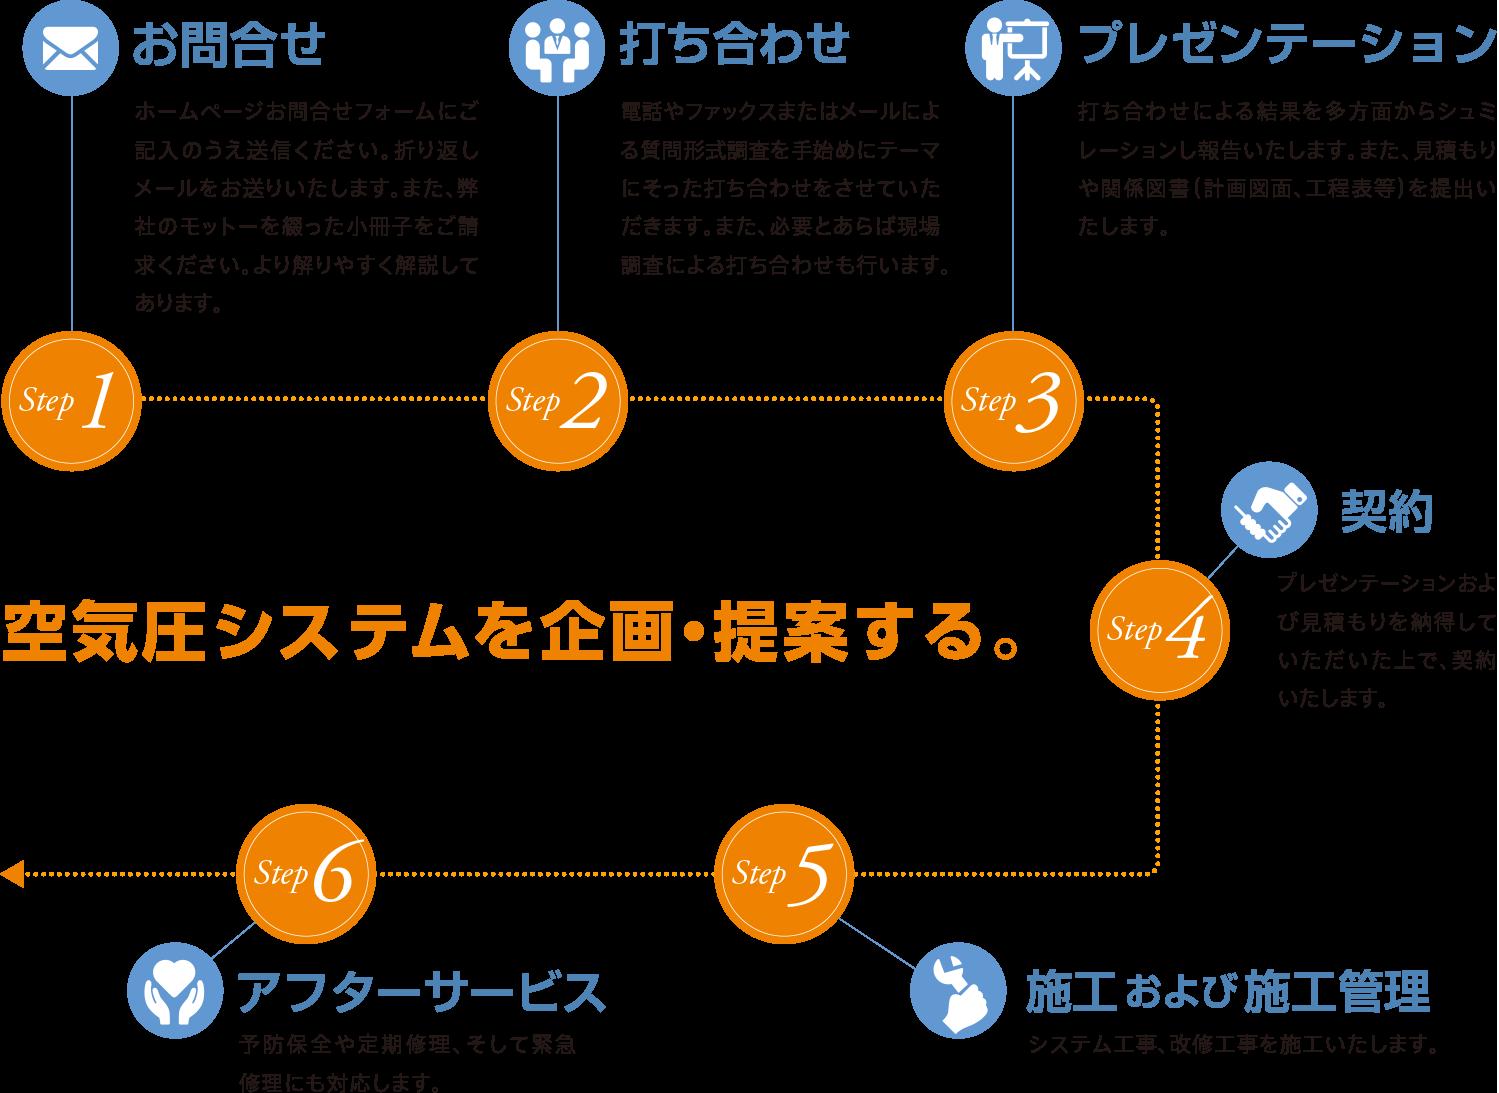 システム構築の流れ